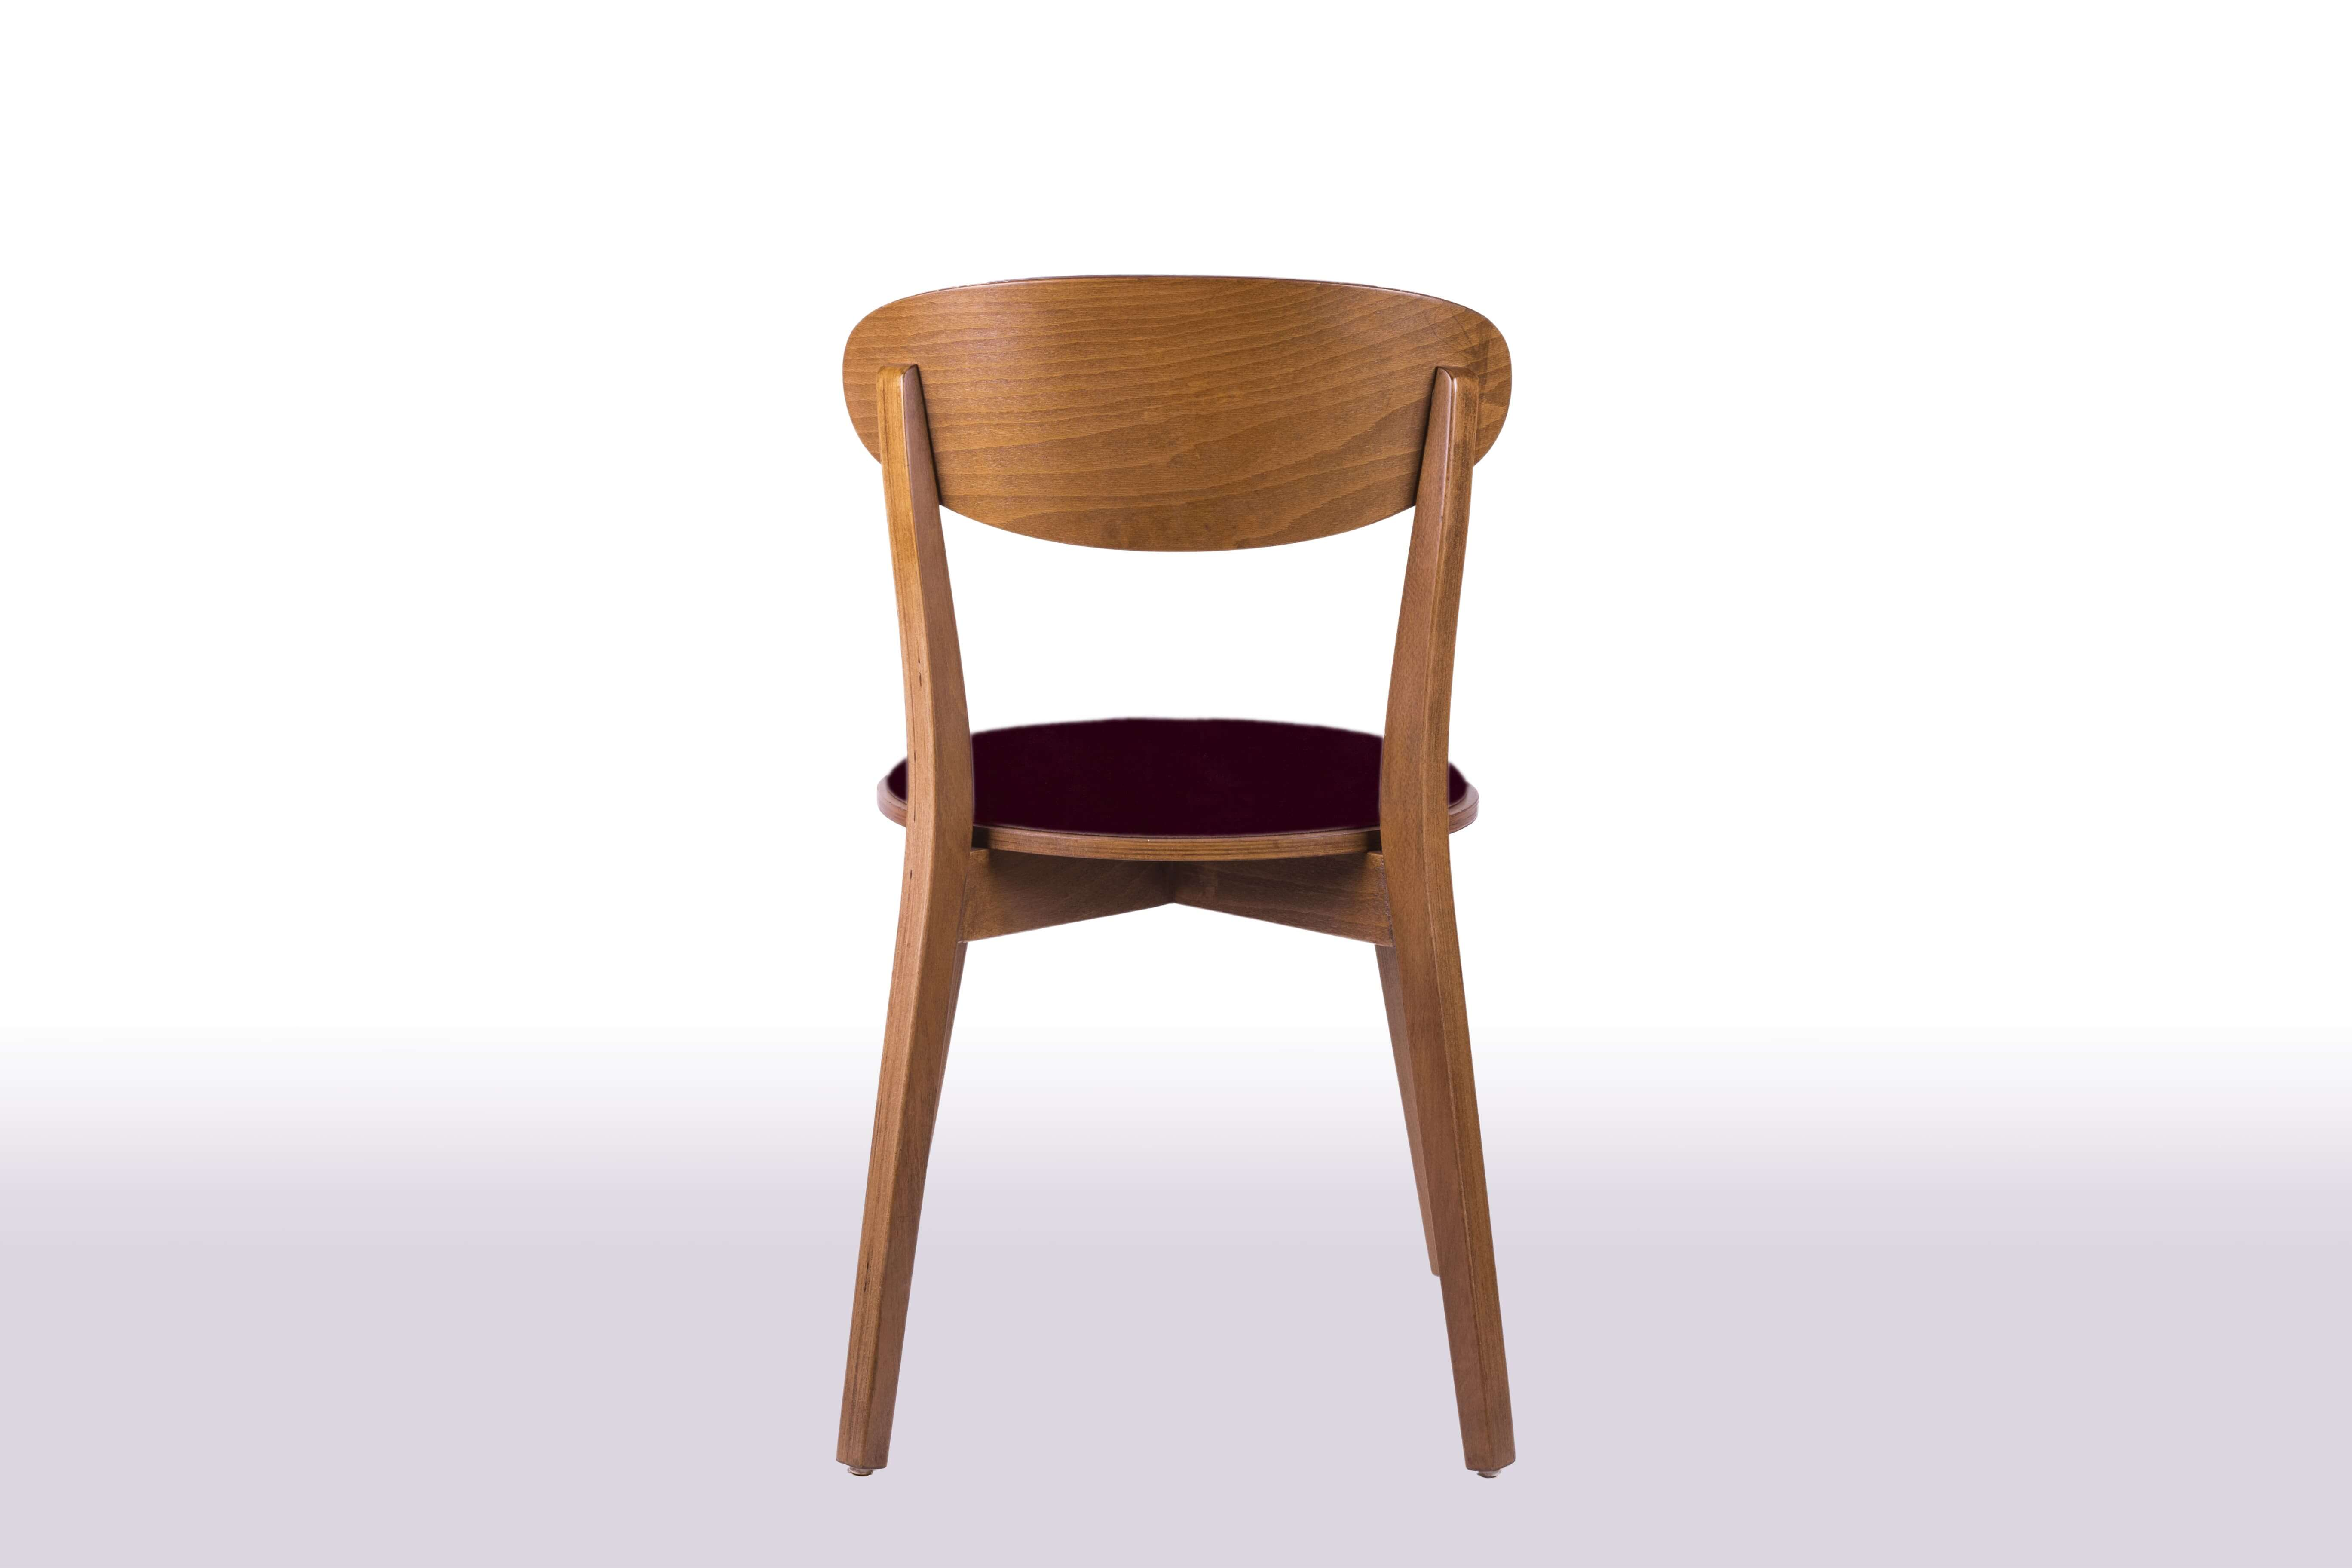 Zara Sandalye Modeli Arka Görünüm